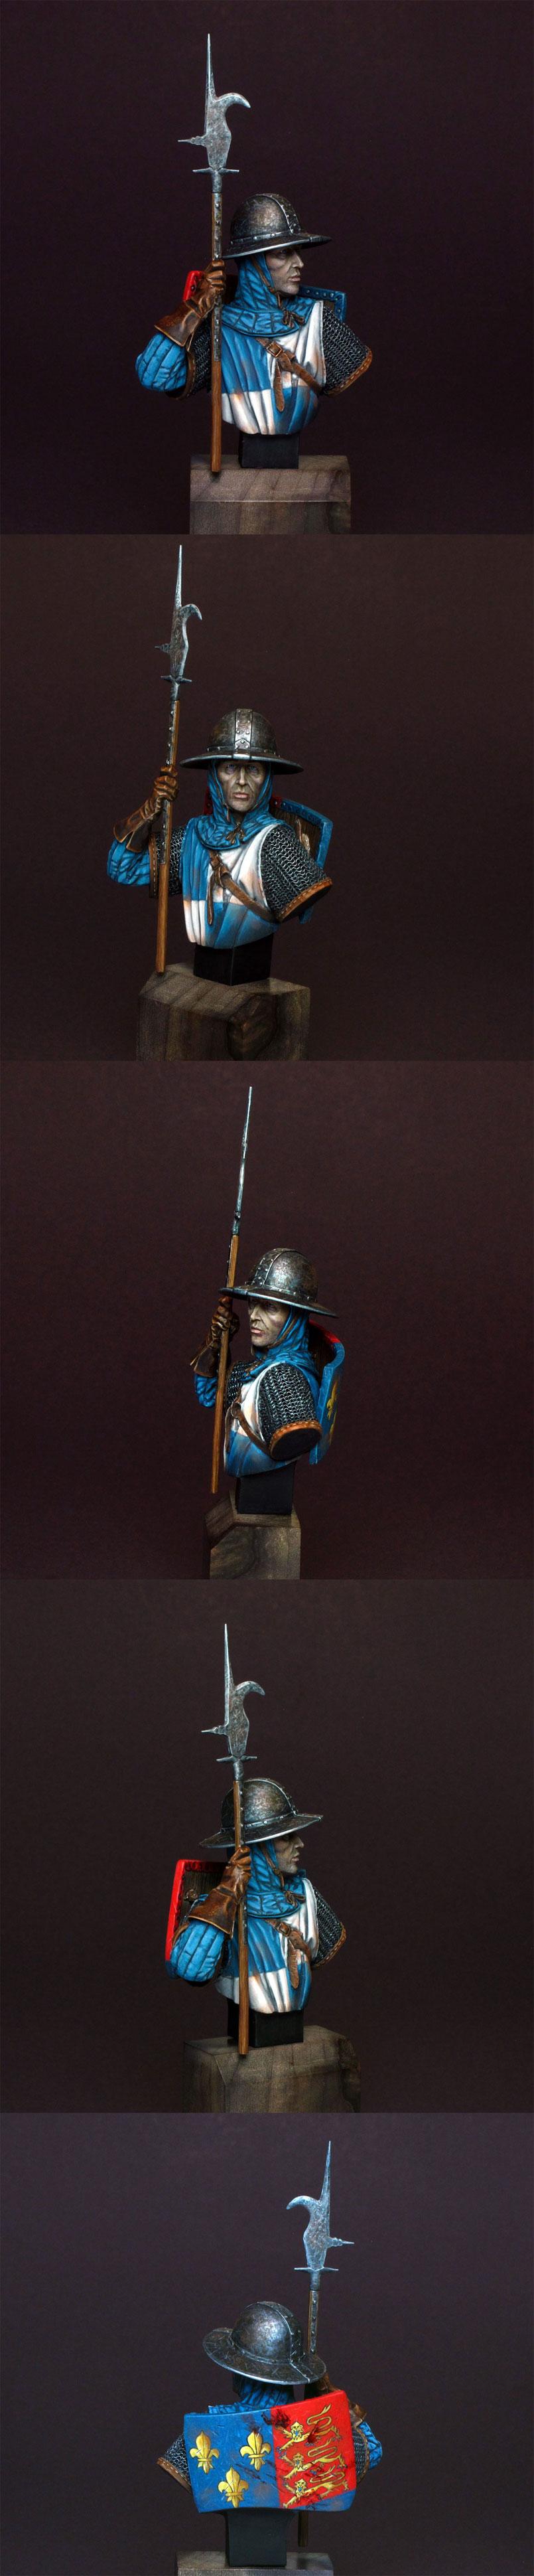 English Man-at-Arms